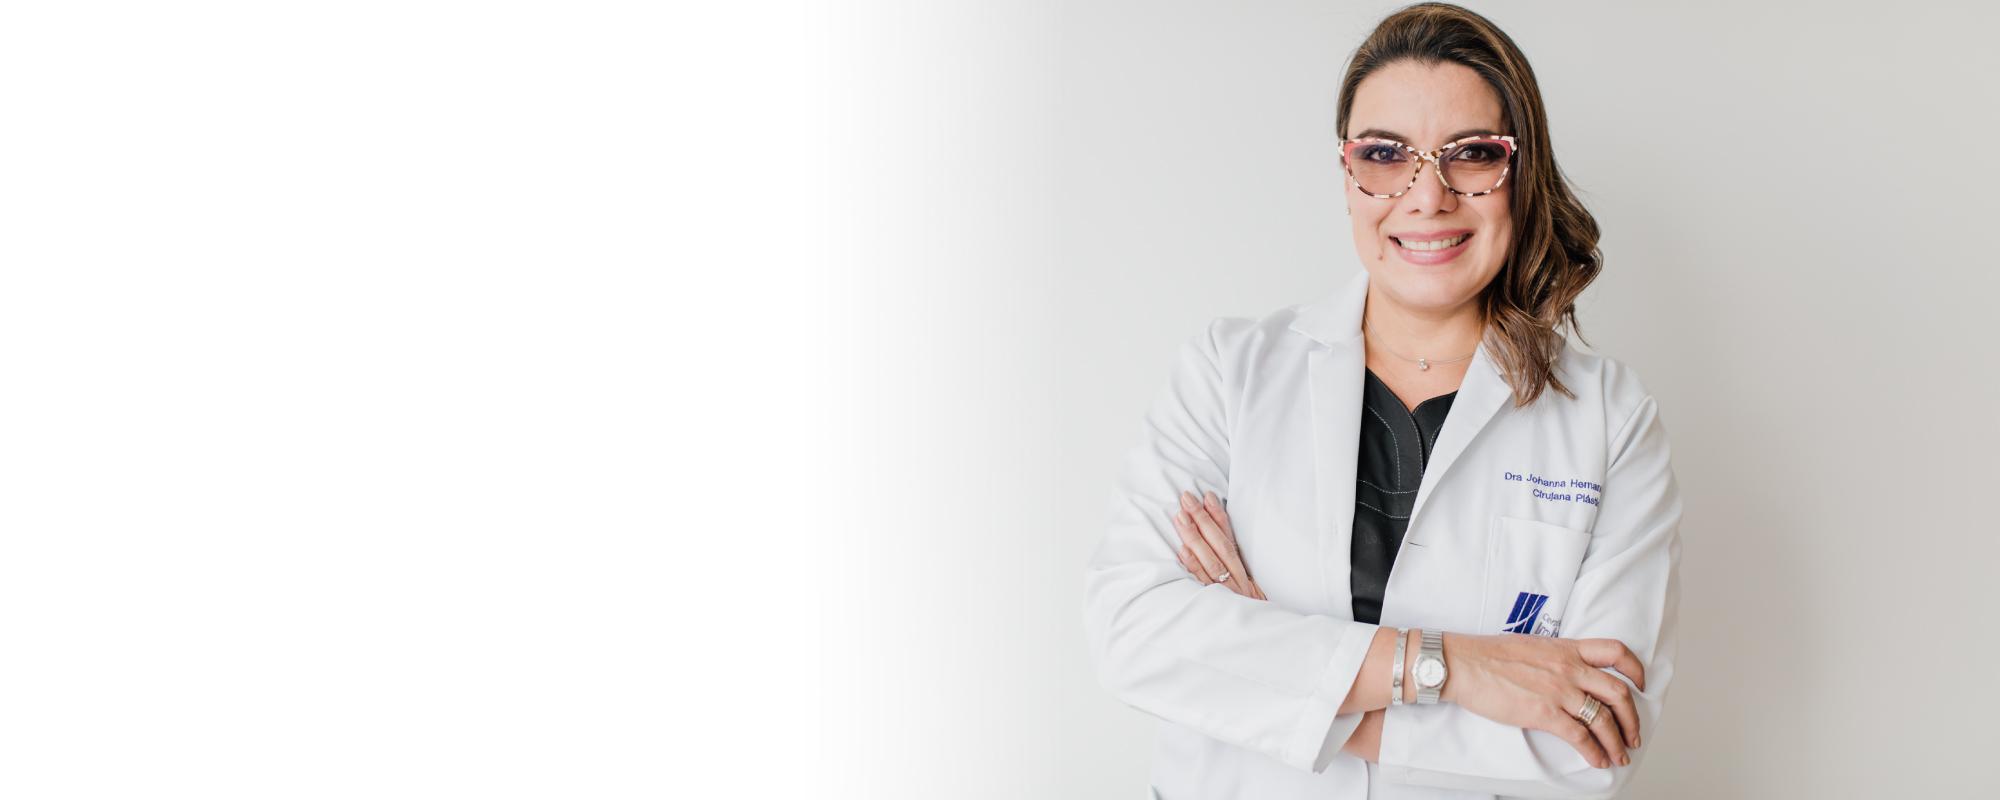 Johanna Hernández es <span>Experiencia, Sapiencia y Amabilidad</span>